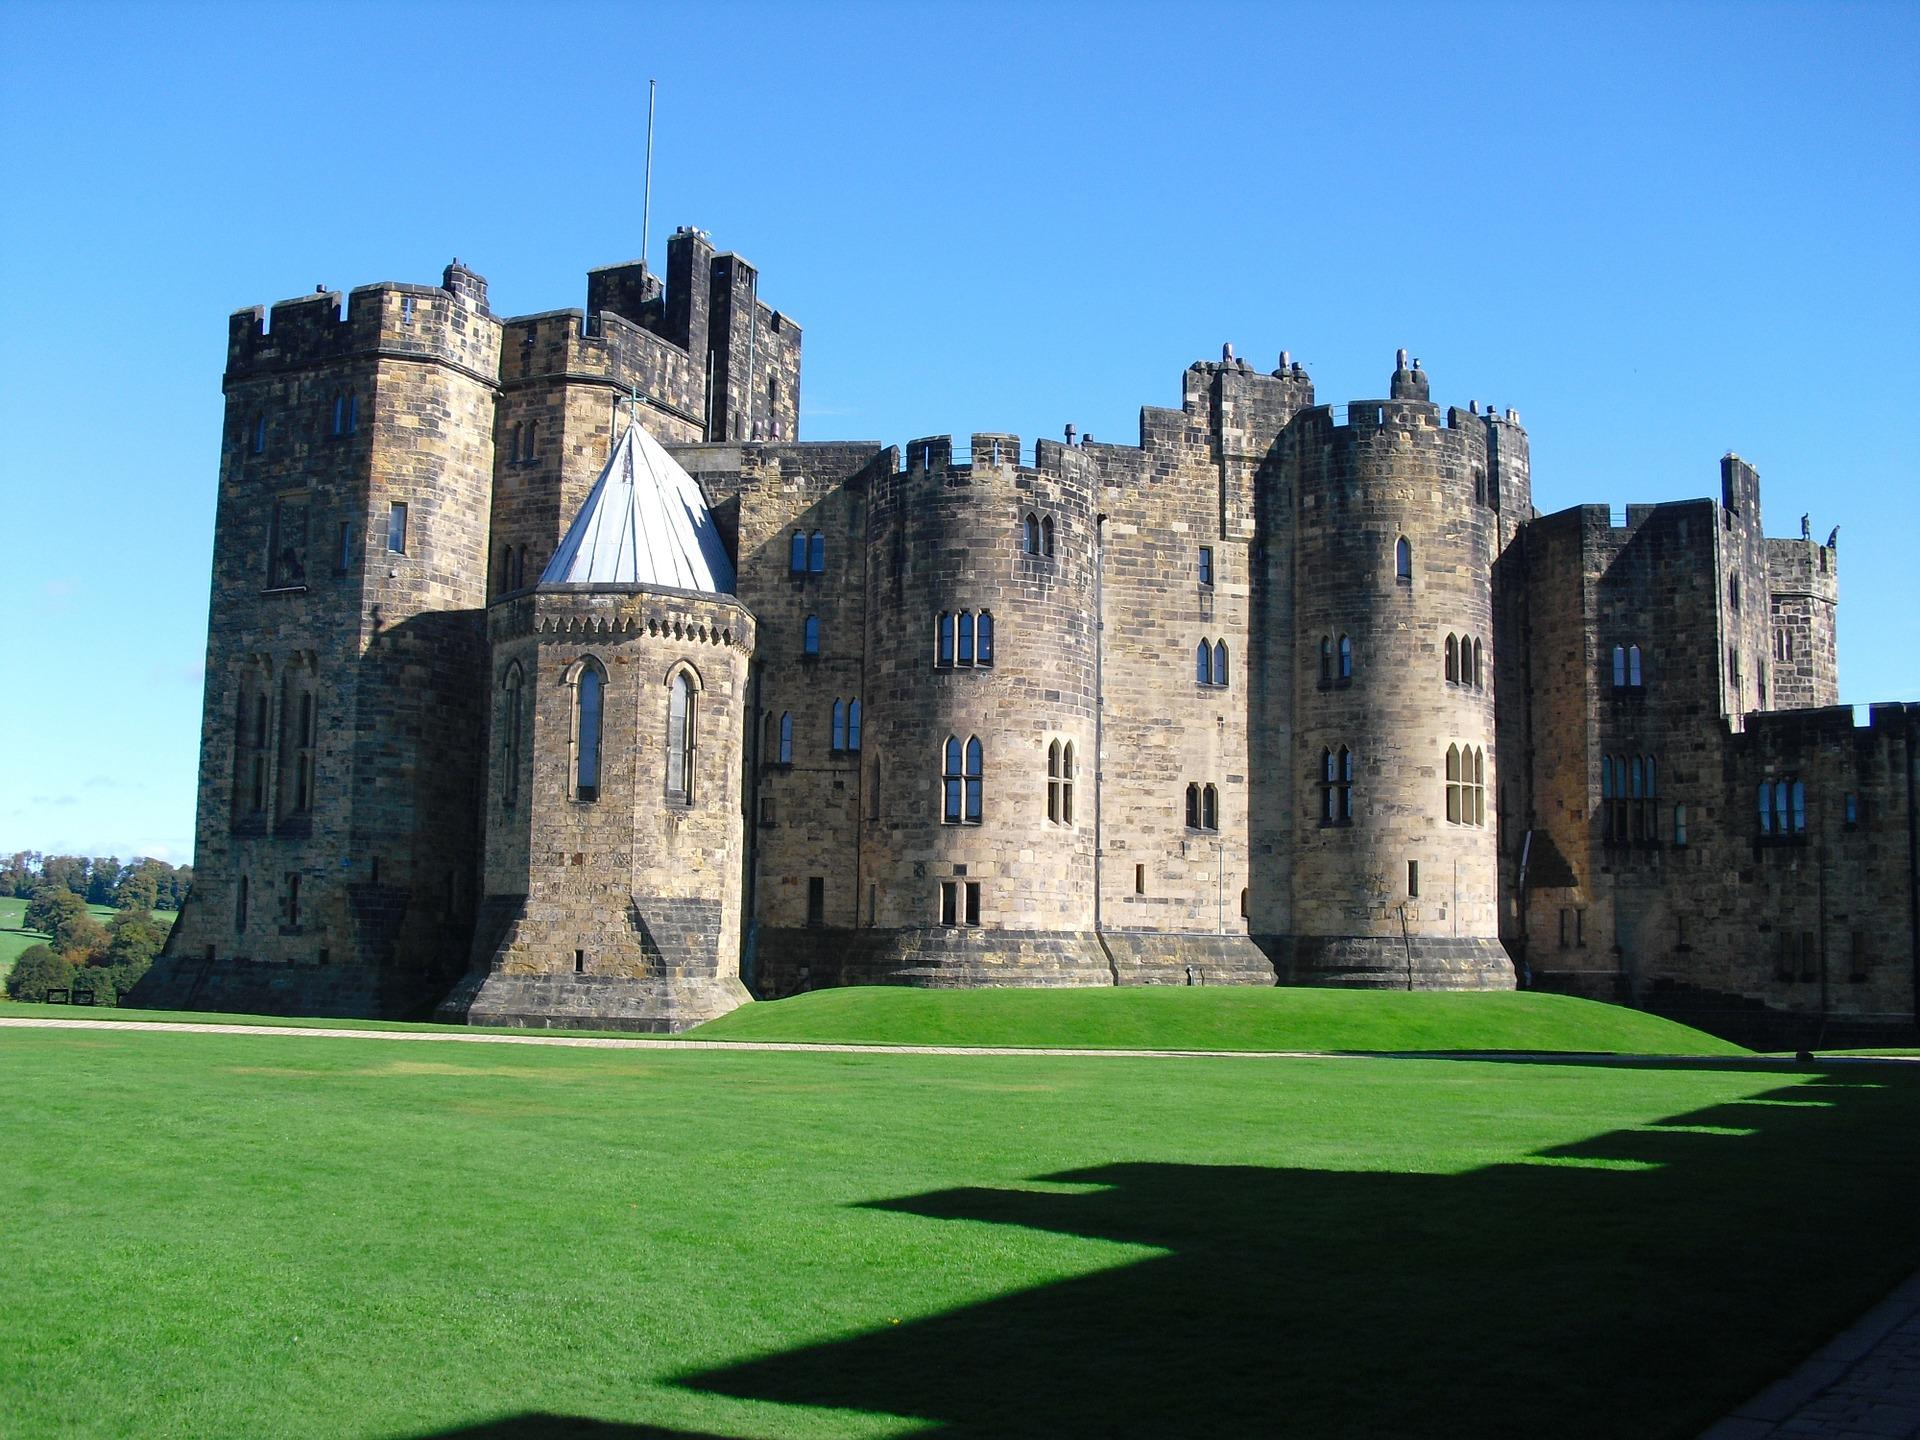 alnwick-castle-92607_1920.jpg